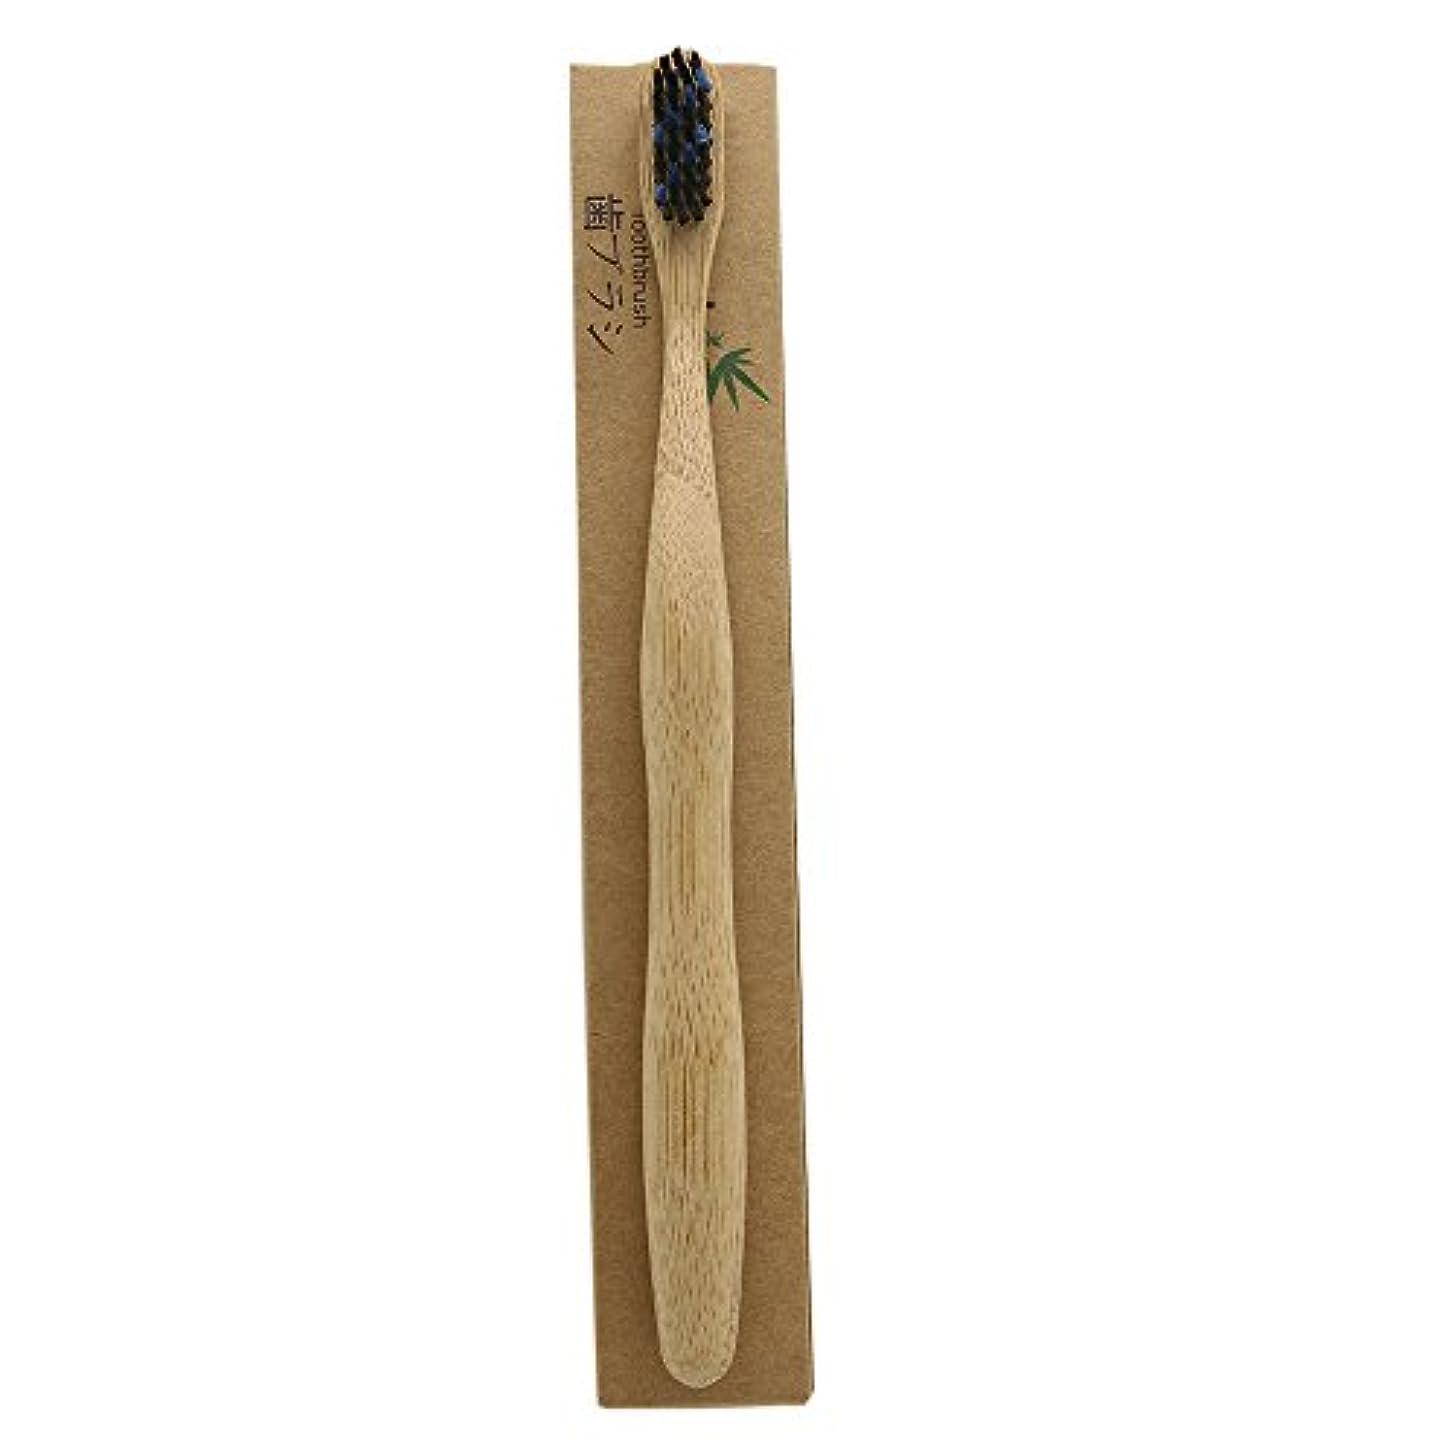 そのような涙ゴシップN-amboo 竹製耐久度高い 歯ブラシ 黒いと青い 1本